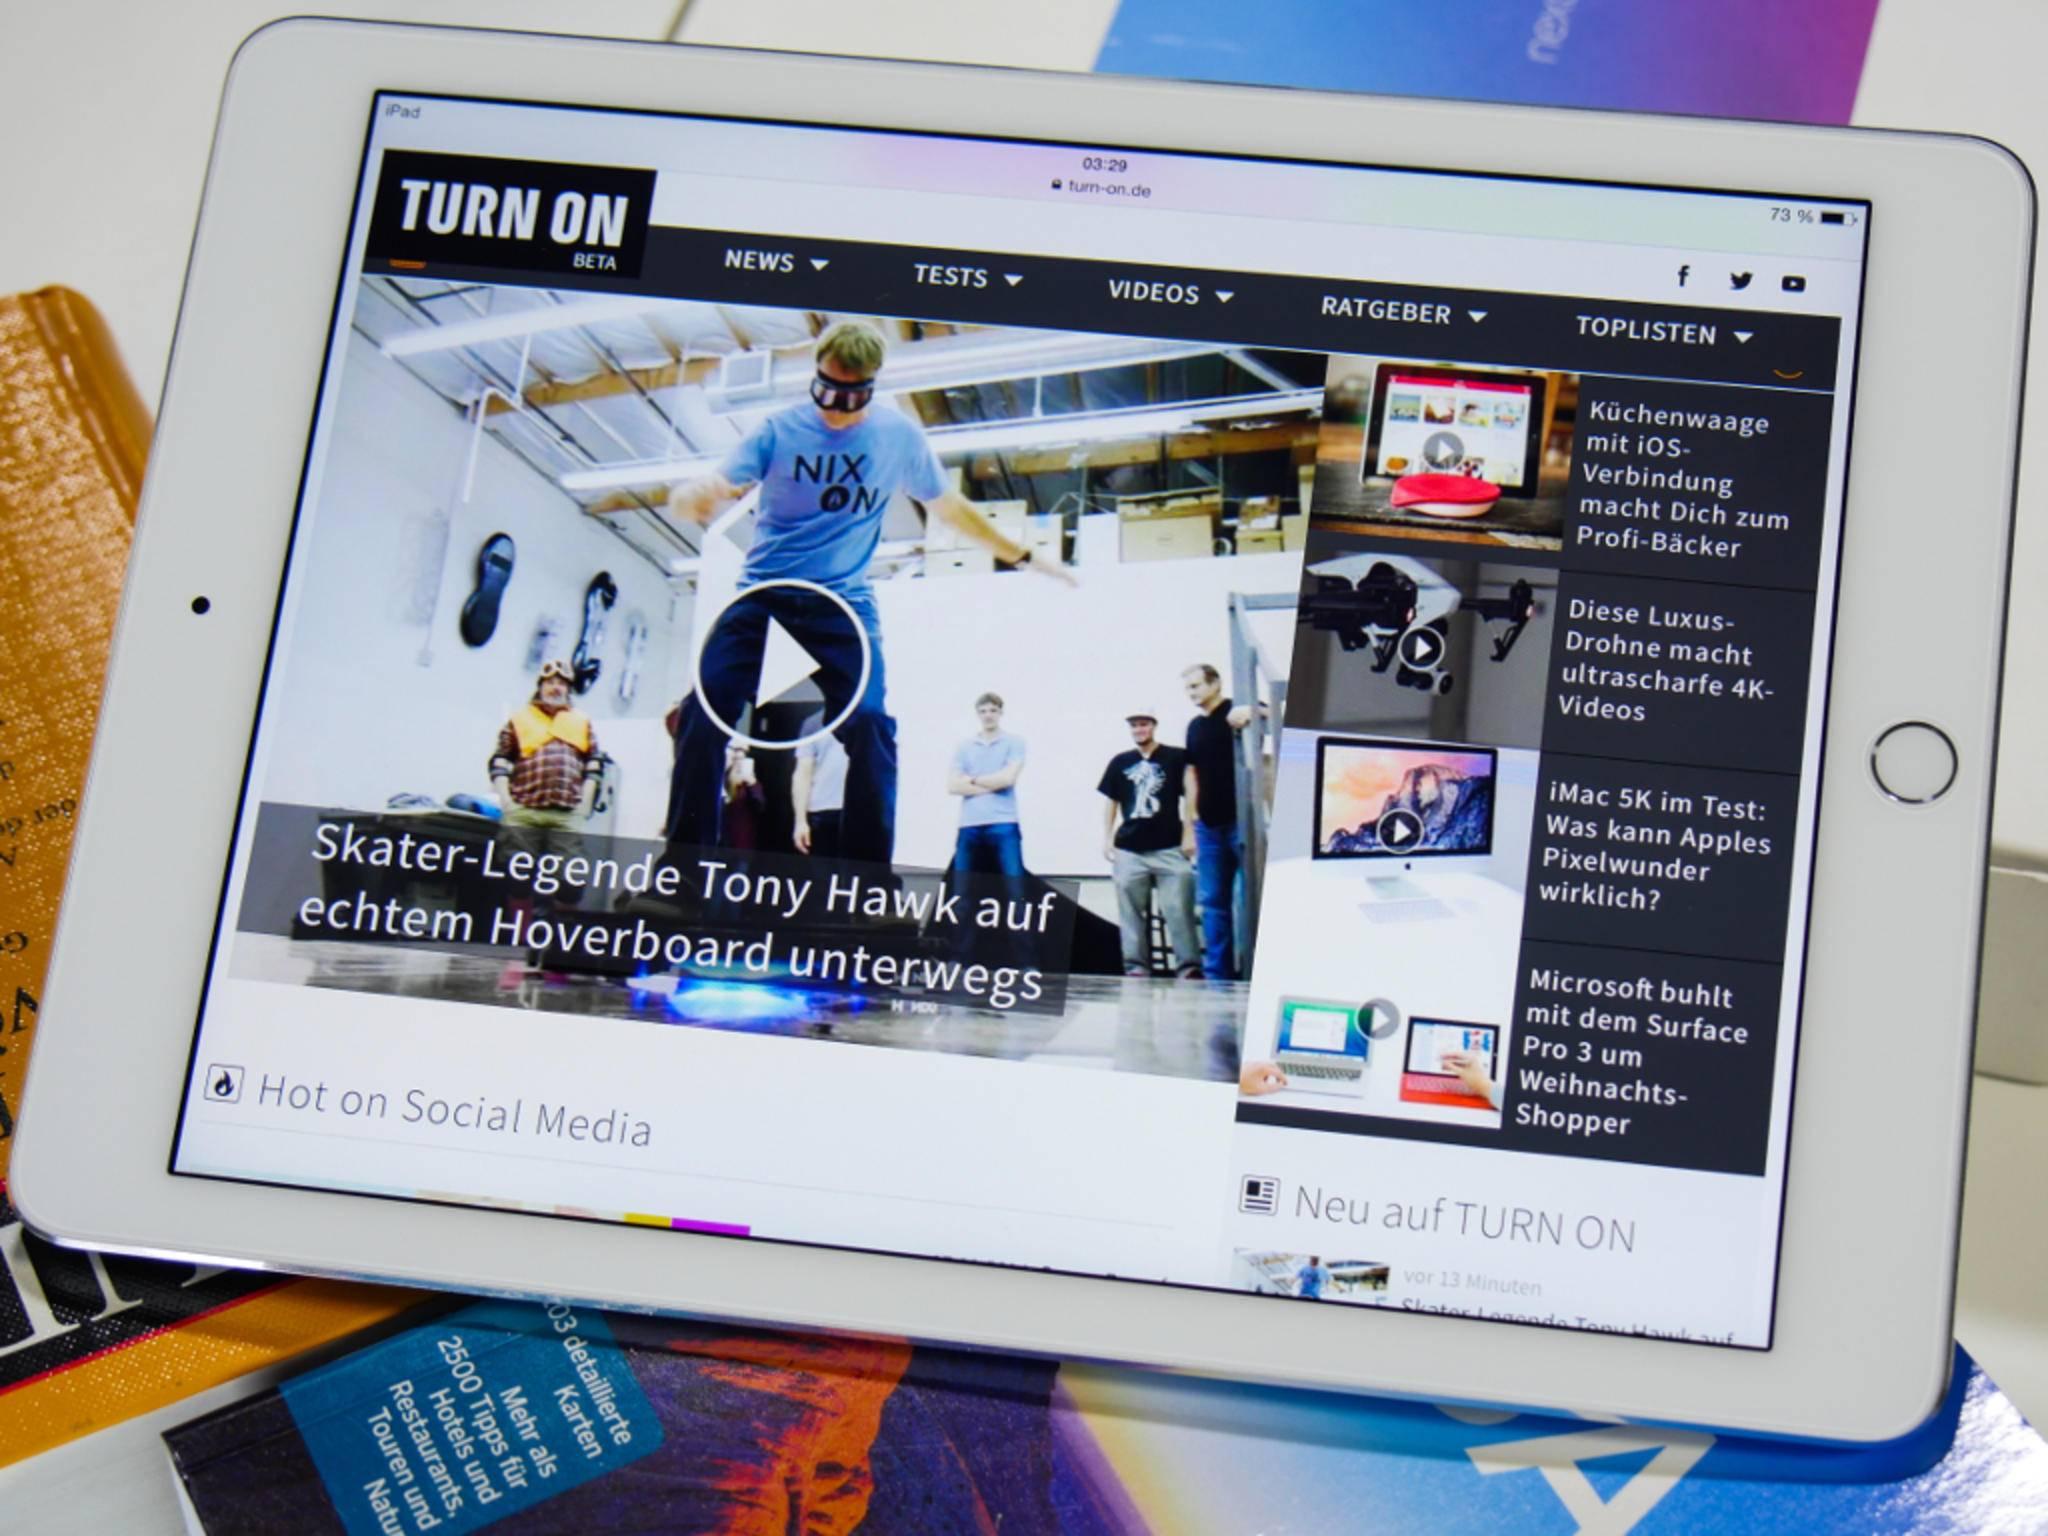 In der Draufsicht fallen zunächst kaum Unterschiede zum ersten iPad Air auf.